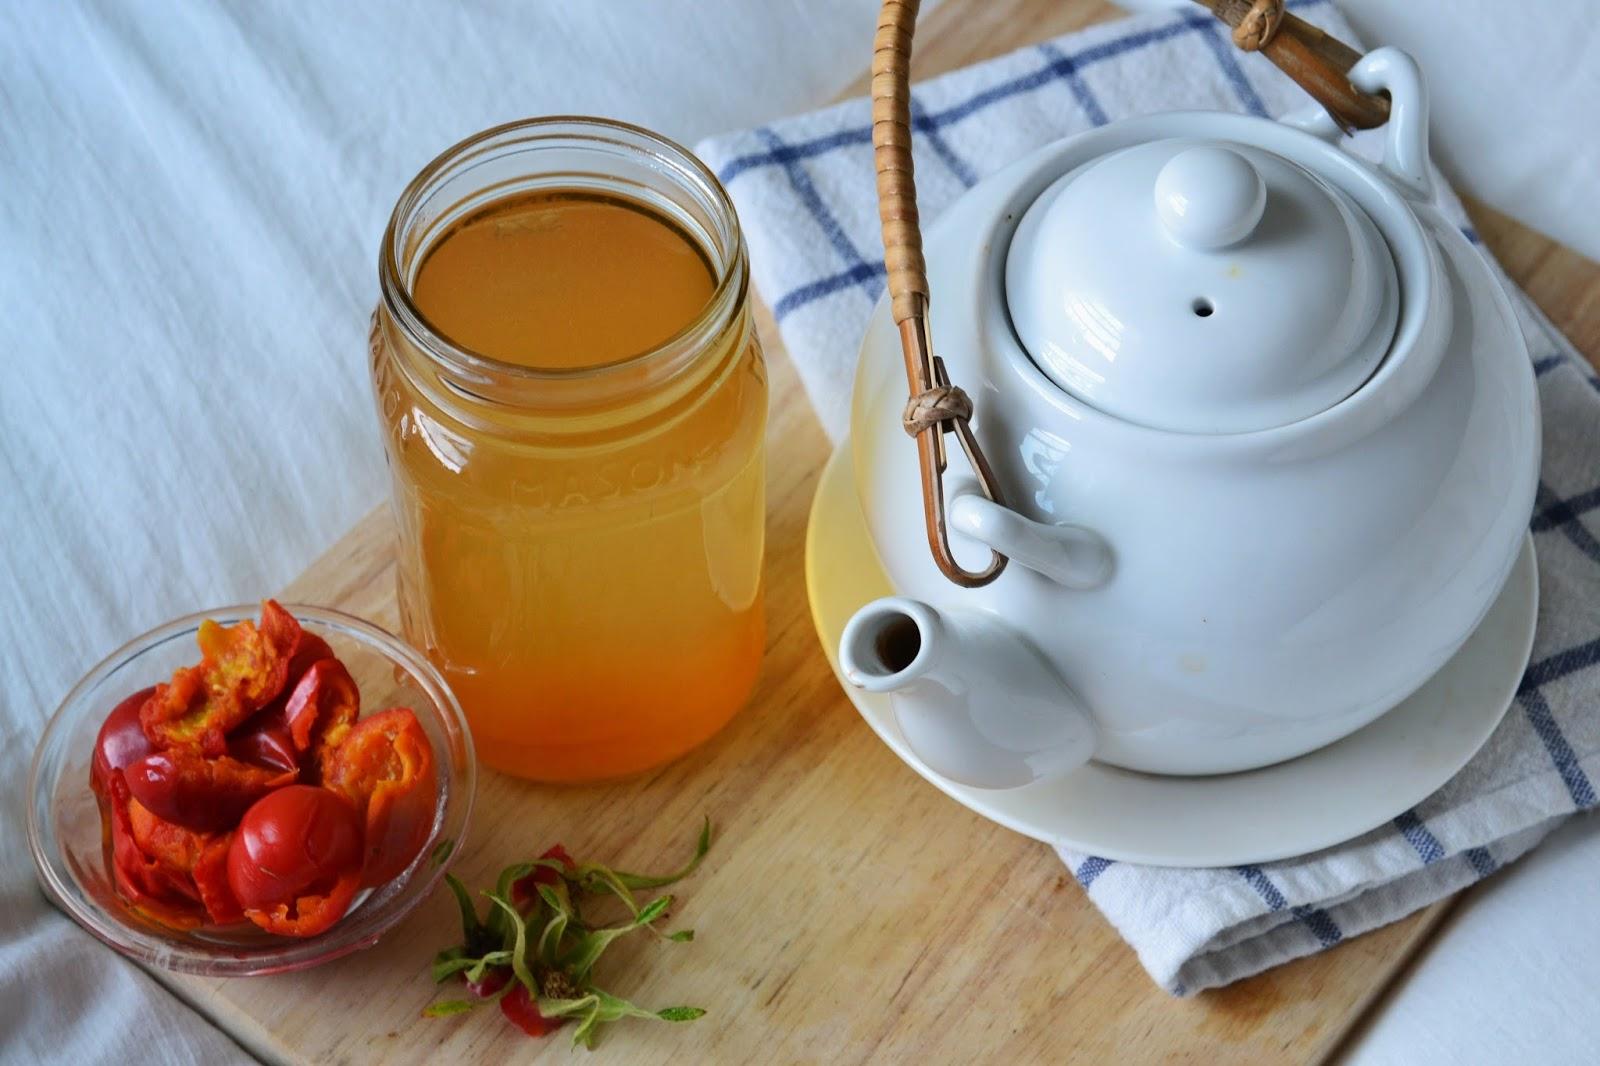 Приготовить чай из плодов шиповника достаточно просто